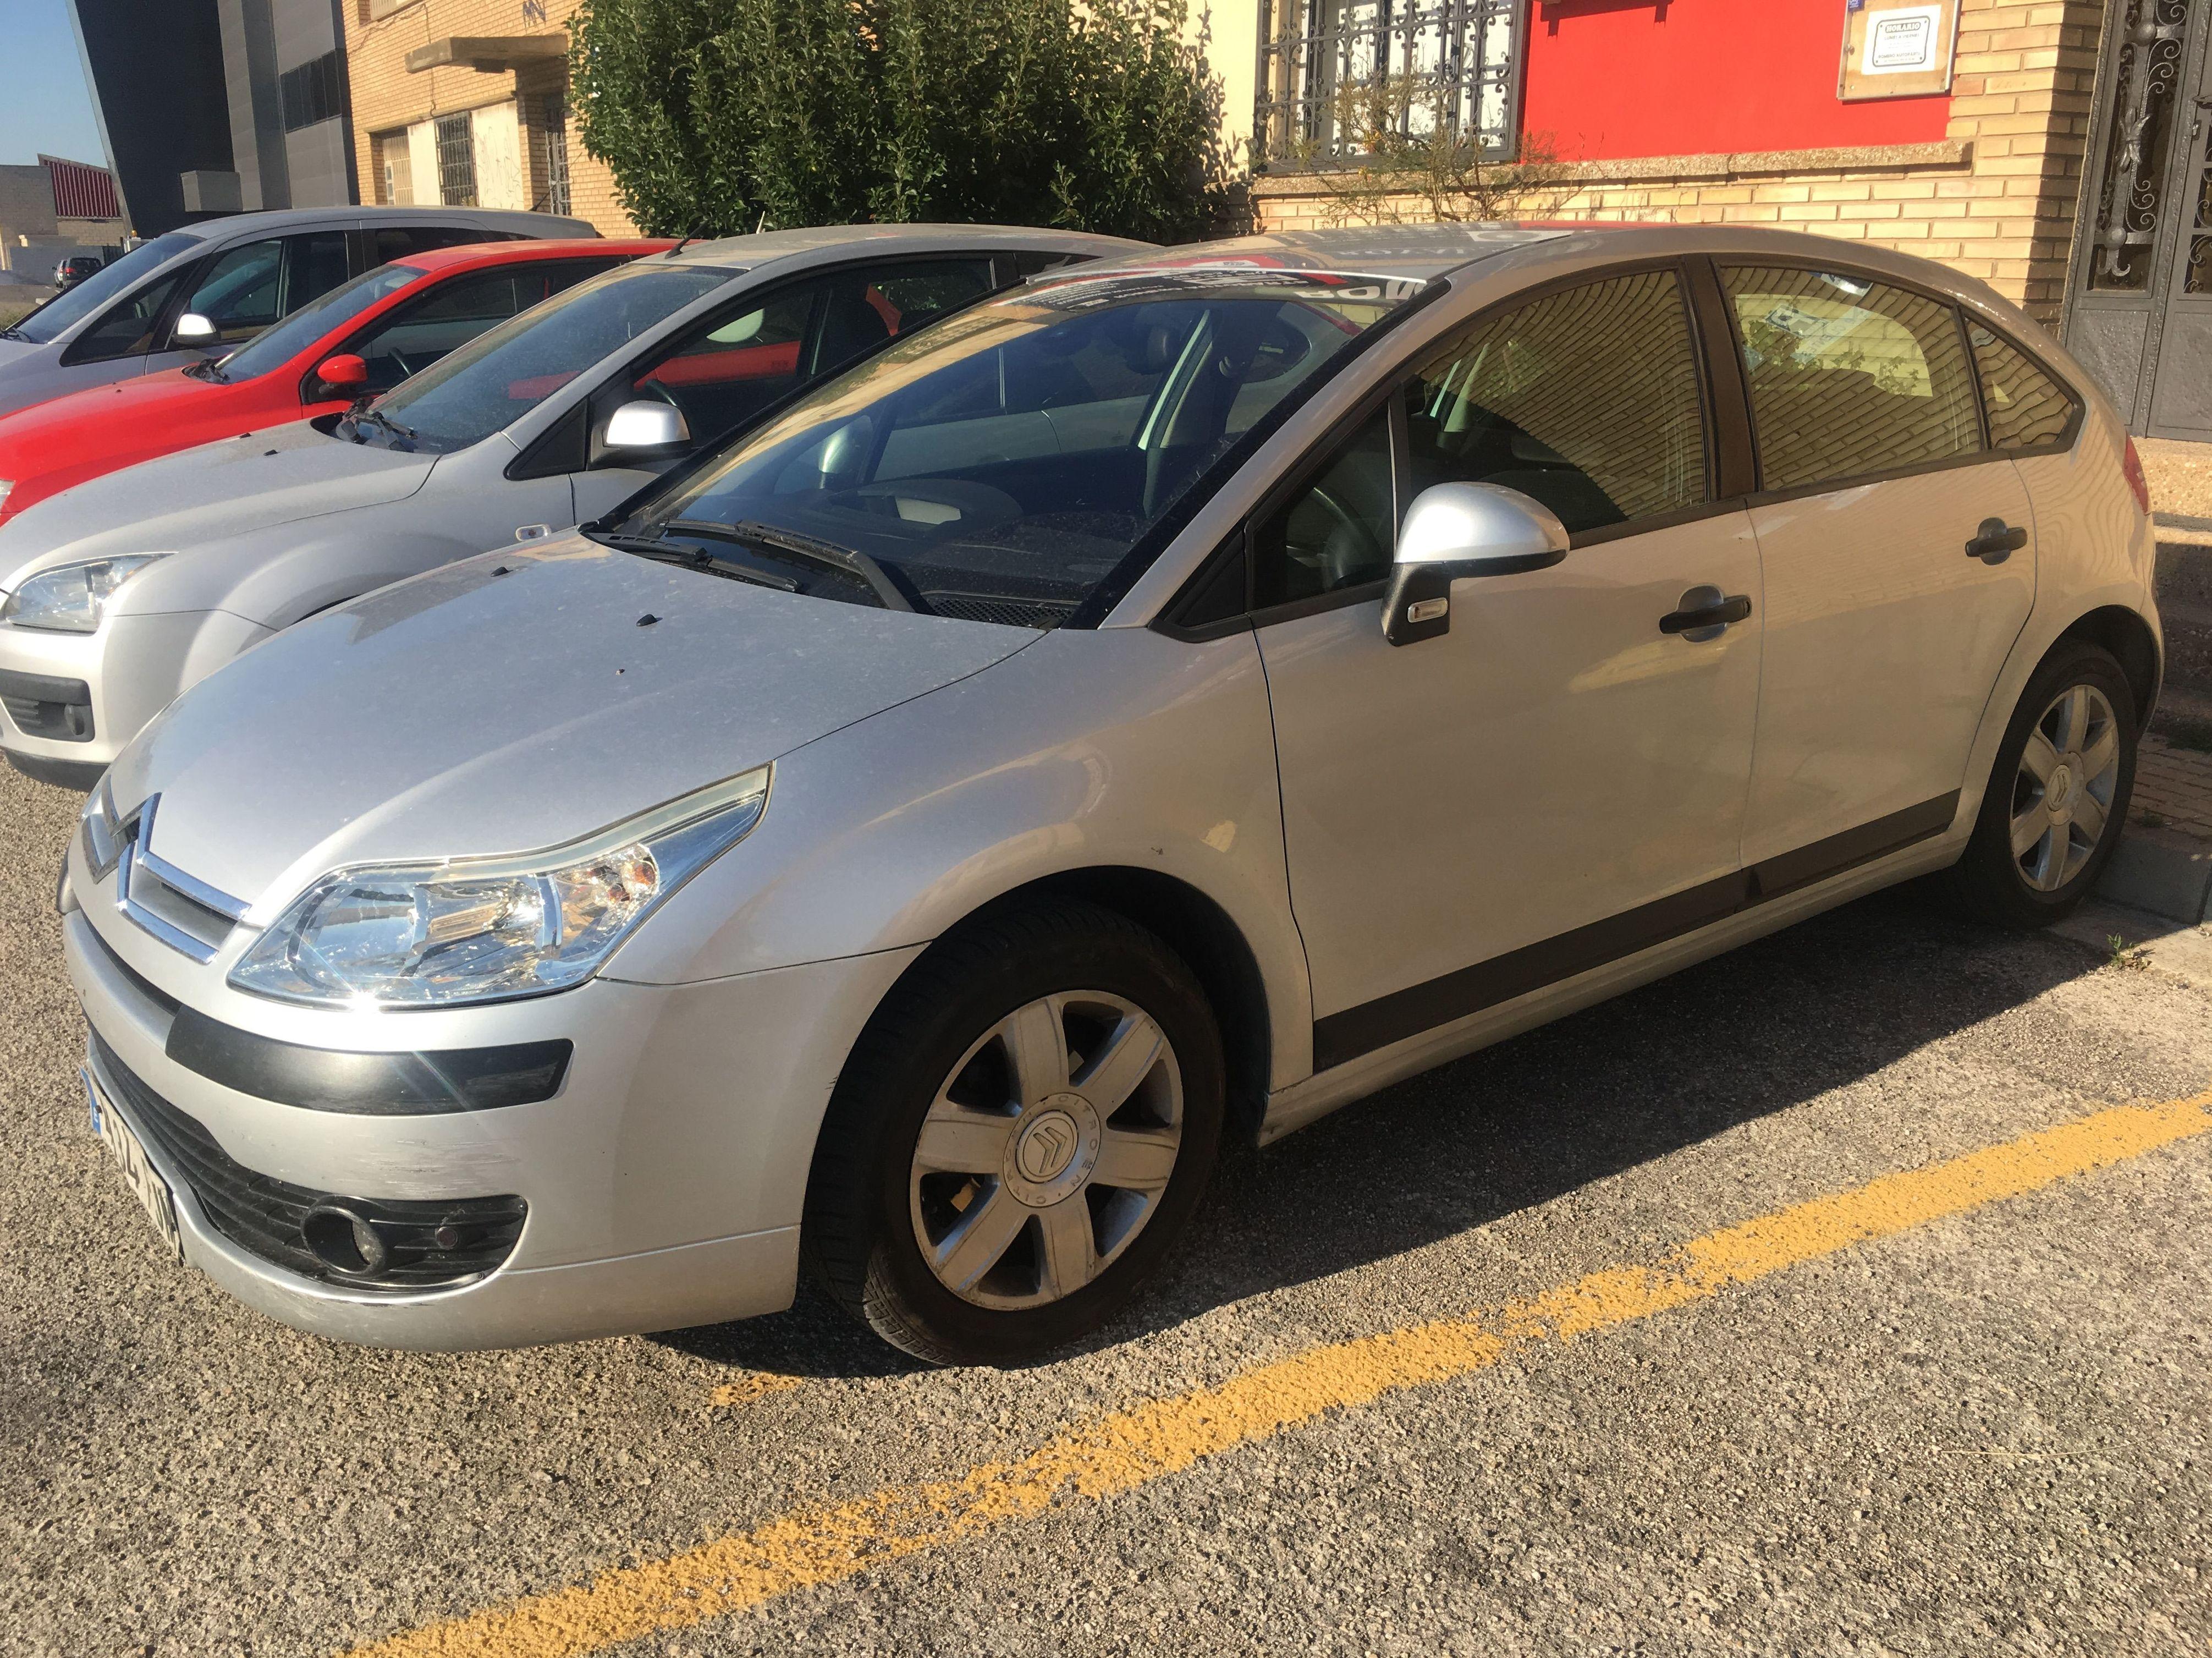 CITROEN C4: Suspensiones y vehículos de Romero Autoparts Zaragoza